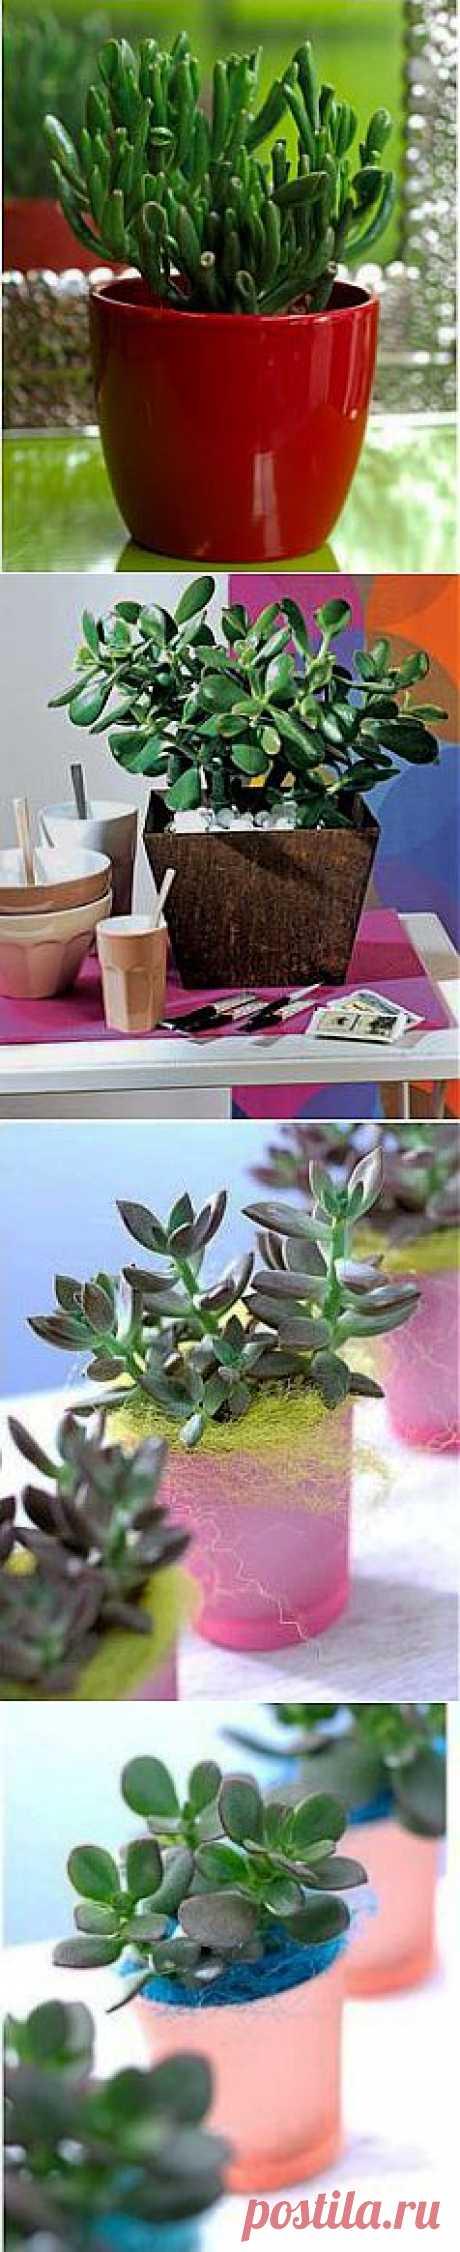 Денежное дерево, толстянка, крассула-особенности ухода и разведения | GreenHome